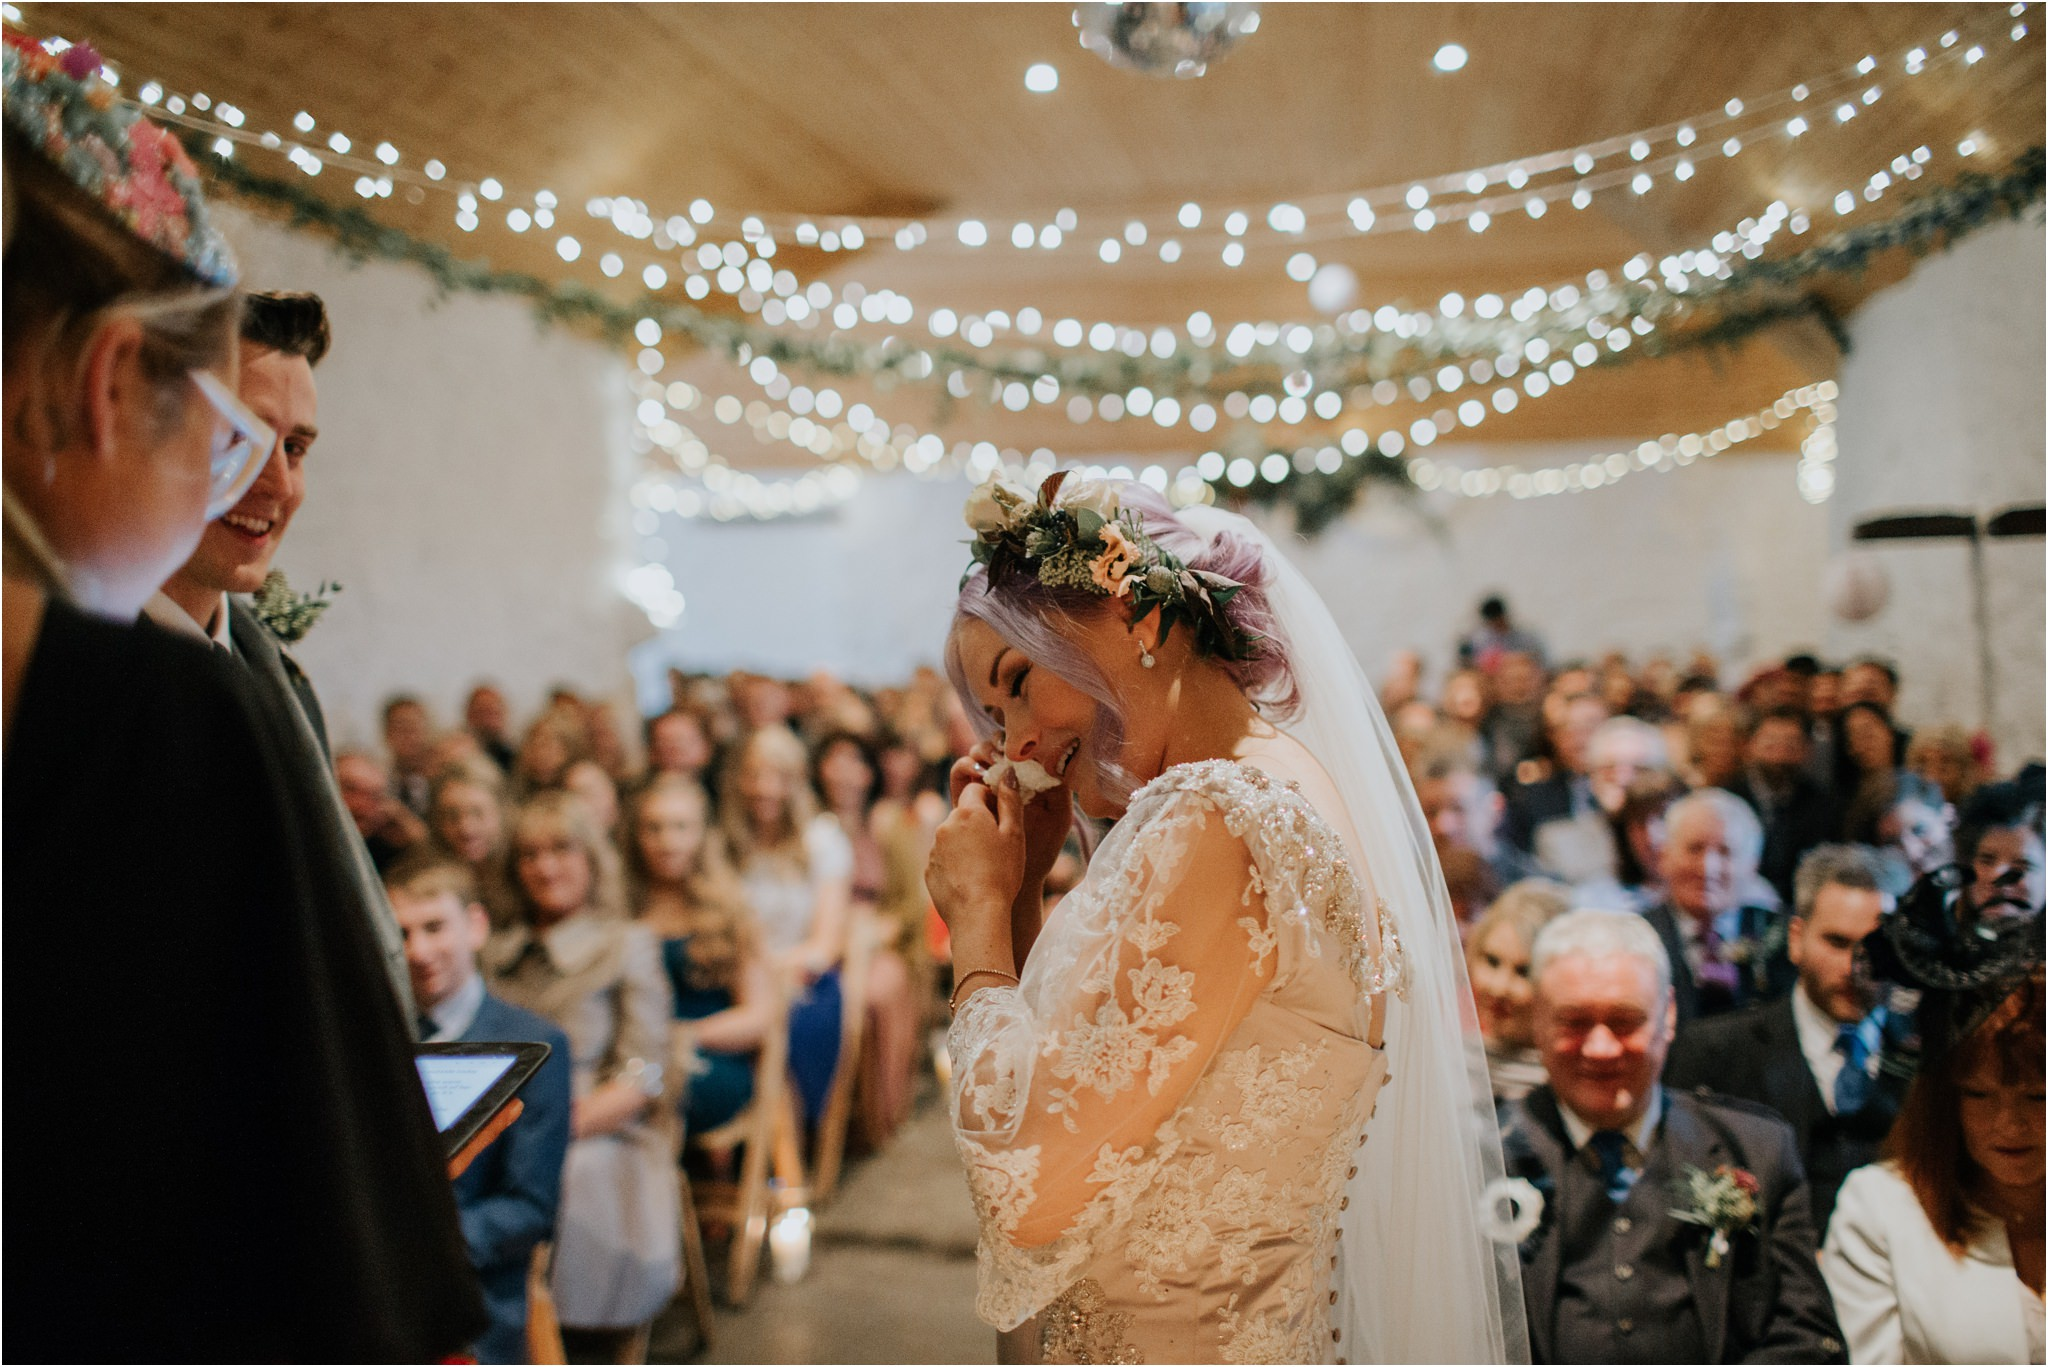 Photography 78 - Glasgow Wedding Photographer - Pete & Eilidh - Dalduff Farm_0042.jpg